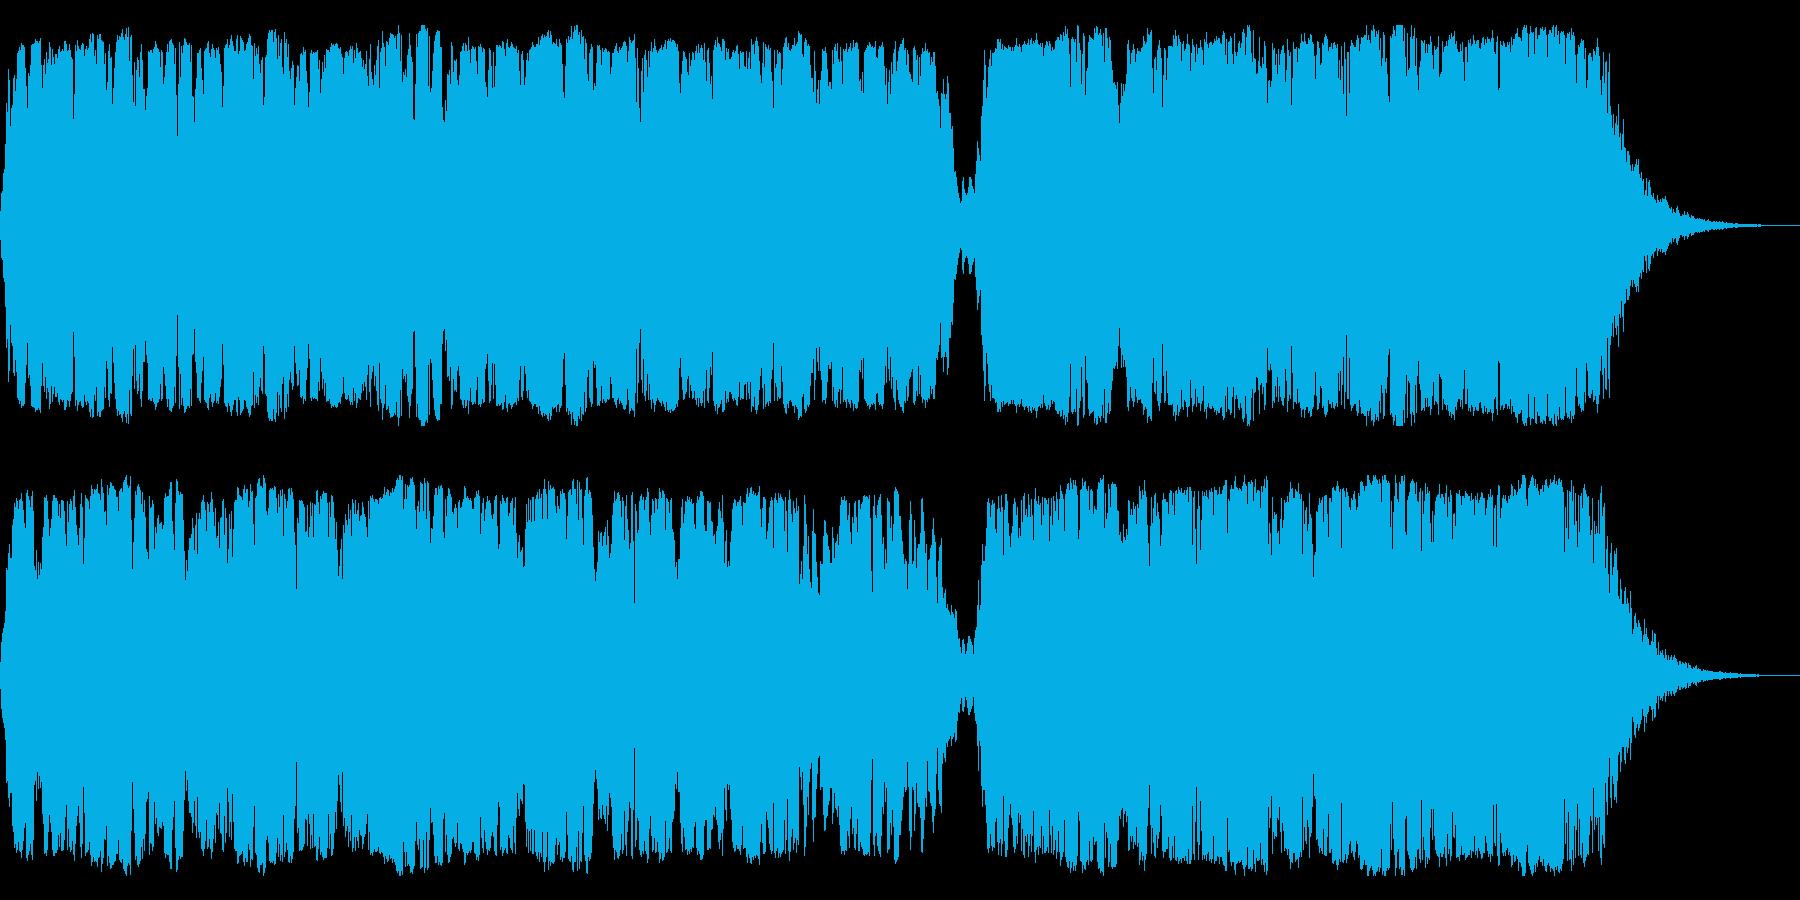 サウンドトラック-再生-の再生済みの波形